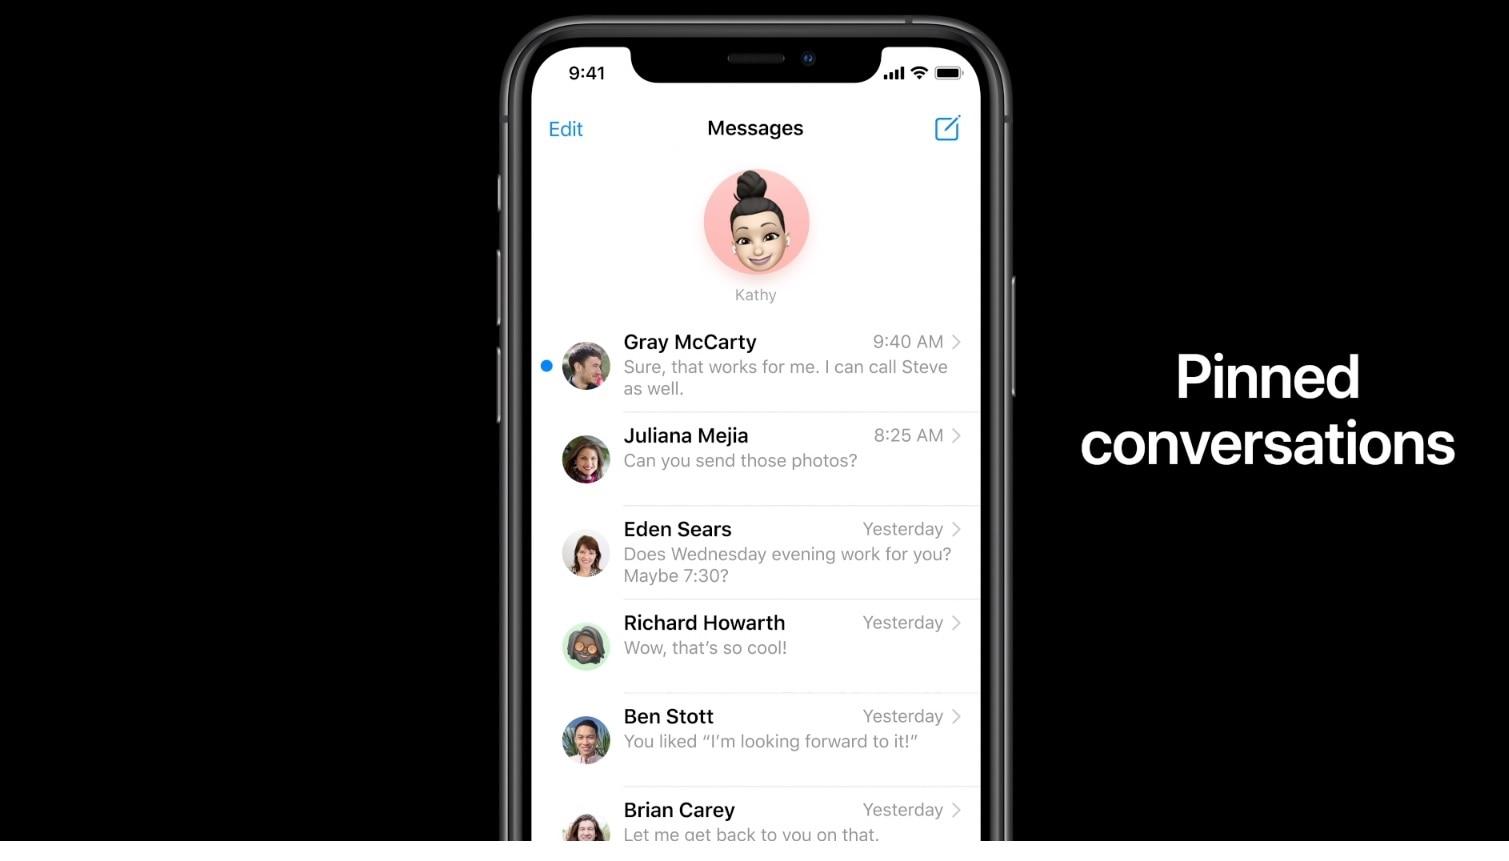 Aplicaciones Porno Para Iphone ios 14: librería de apps, widgets en la pantalla y otras